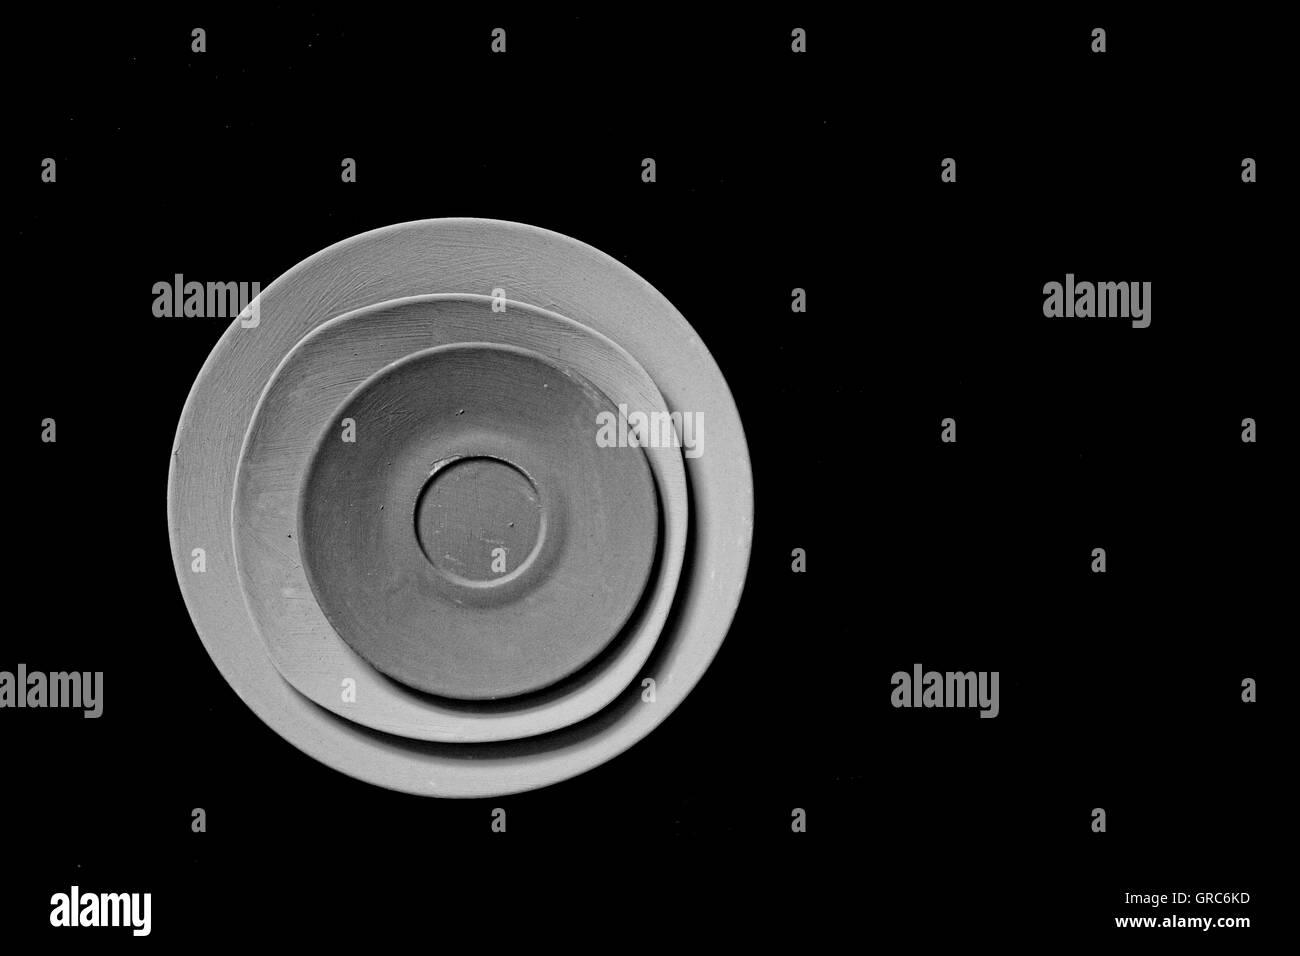 Batterie de cuisine vaisselle en porcelaine Couleur Taille Quantité Objet alimentaire Photo Stock